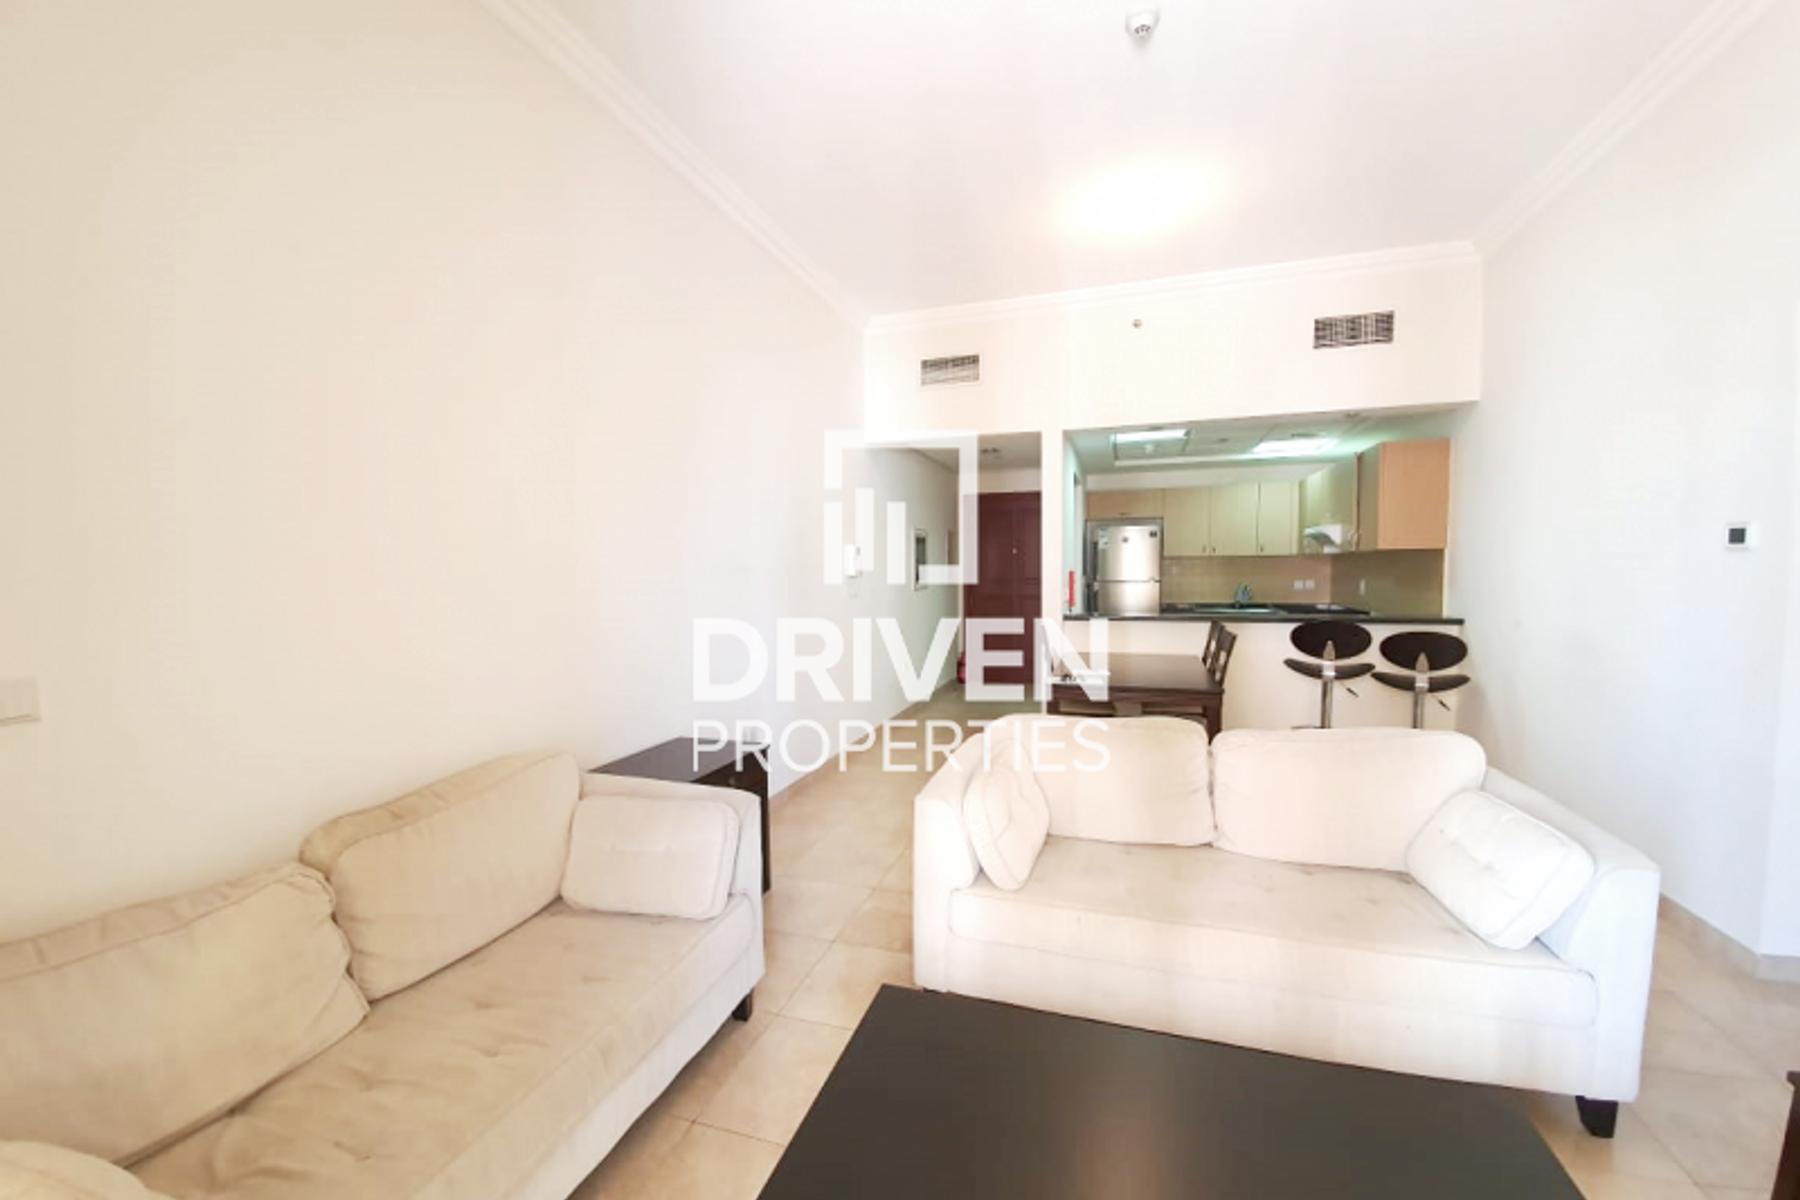 للبيع - شقة - طراز أوروبي - مدينة دبي الرياضية